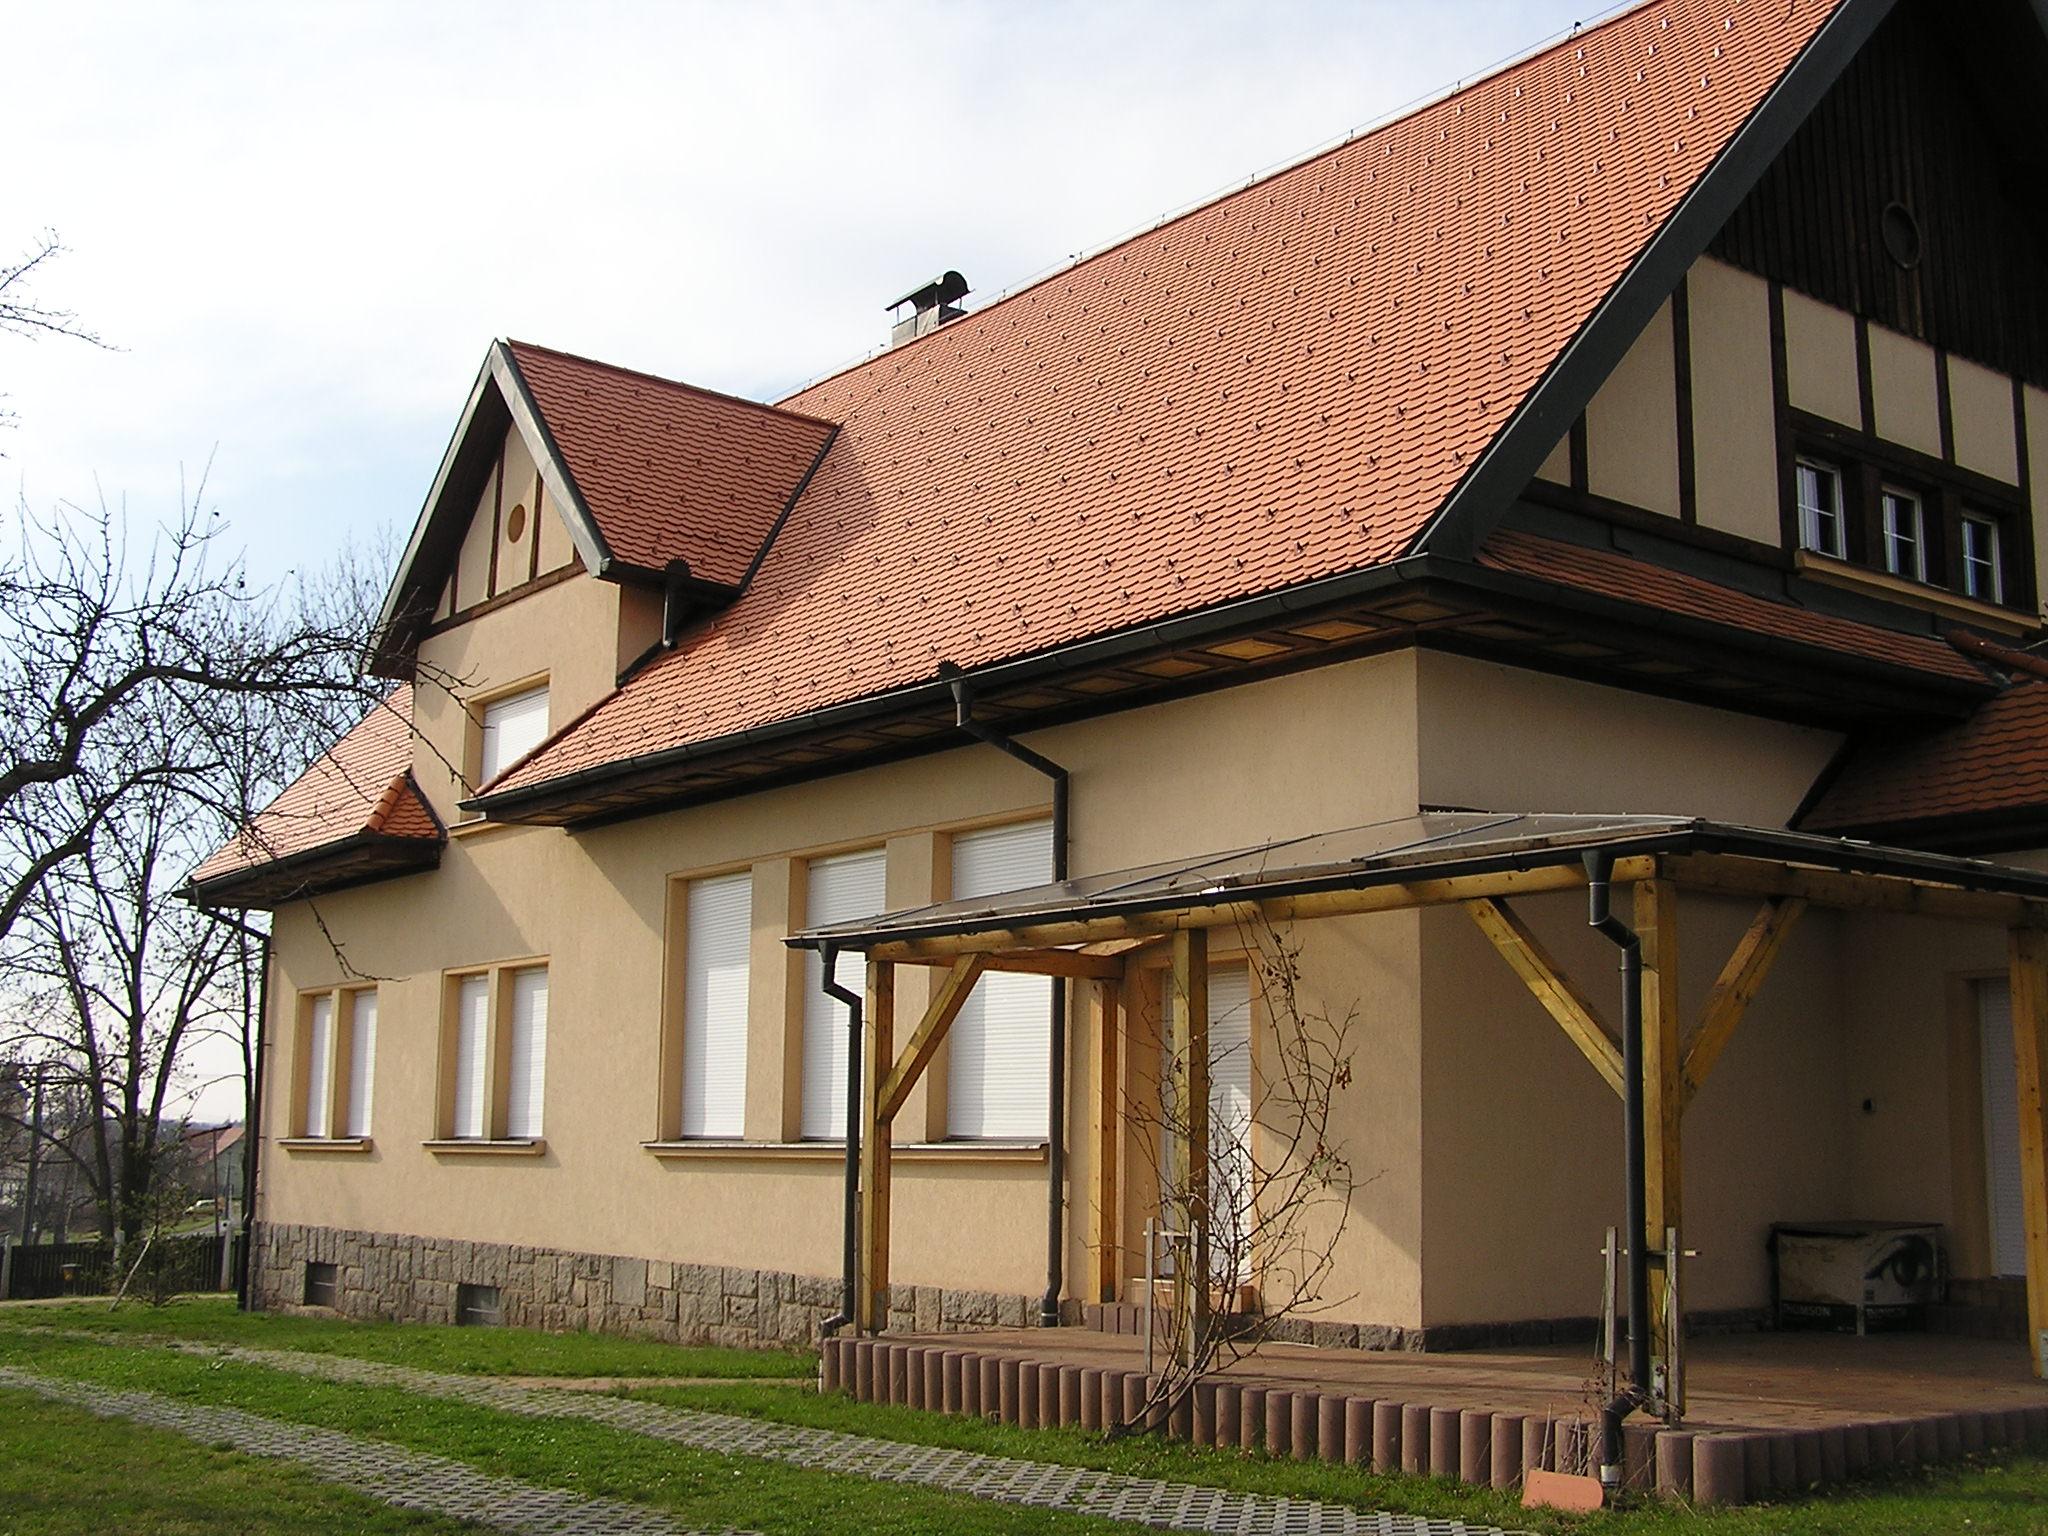 Rekonstrukce střechy rodinného domu v Podbořánkách